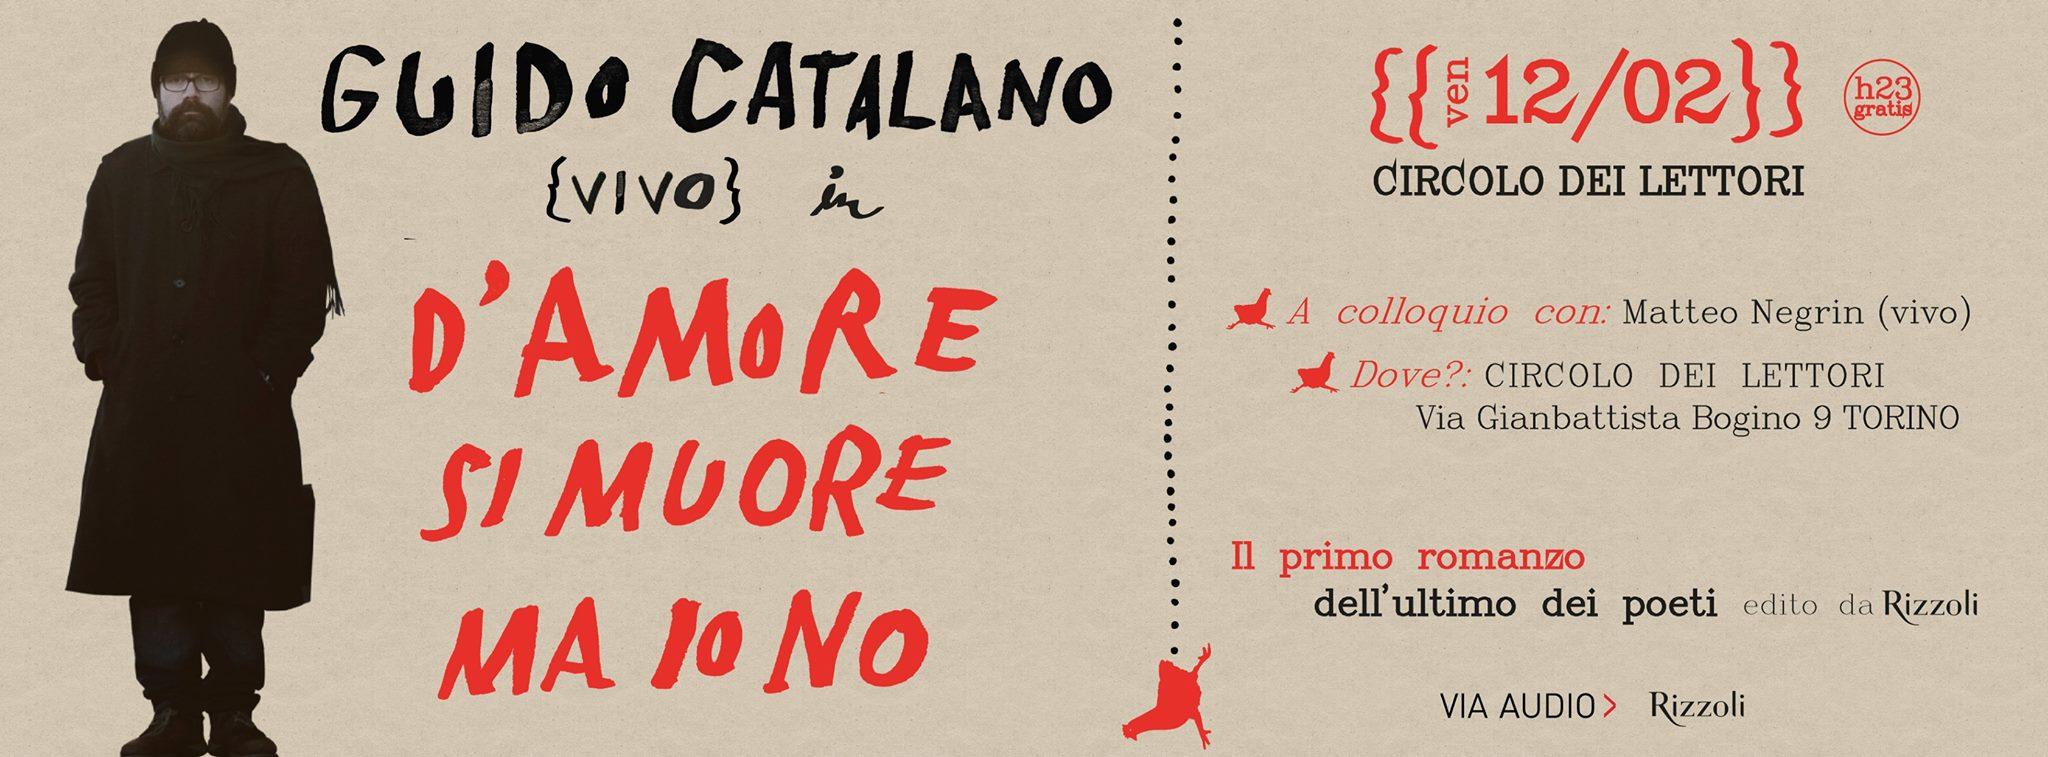 """Guido Catalano - """"D'amore si muore ma io no"""""""